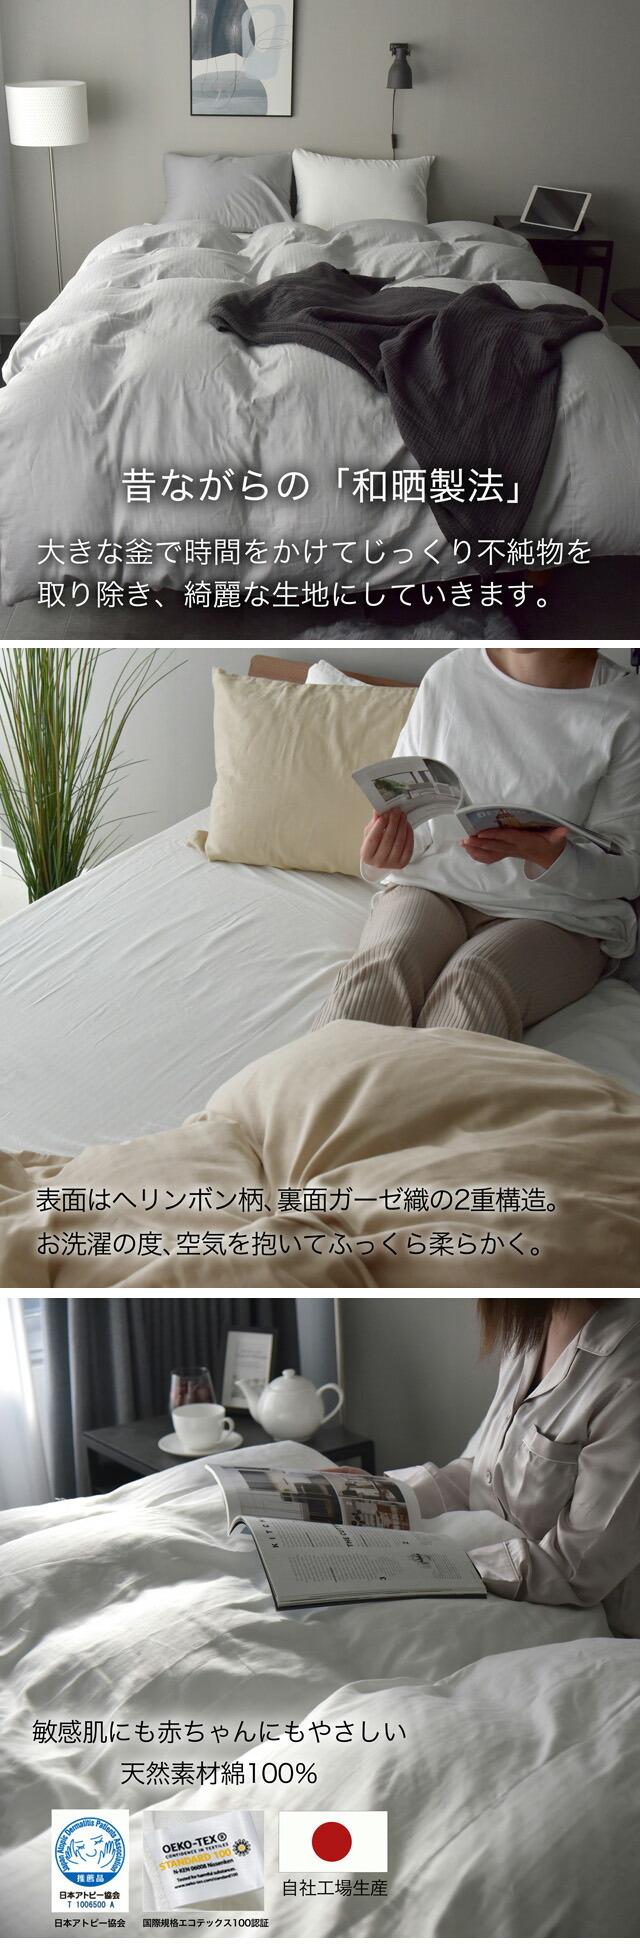 ガーゼのやわらかな肌触りを最大限に生かした和晒製法は、心地よい眠りを誘います。